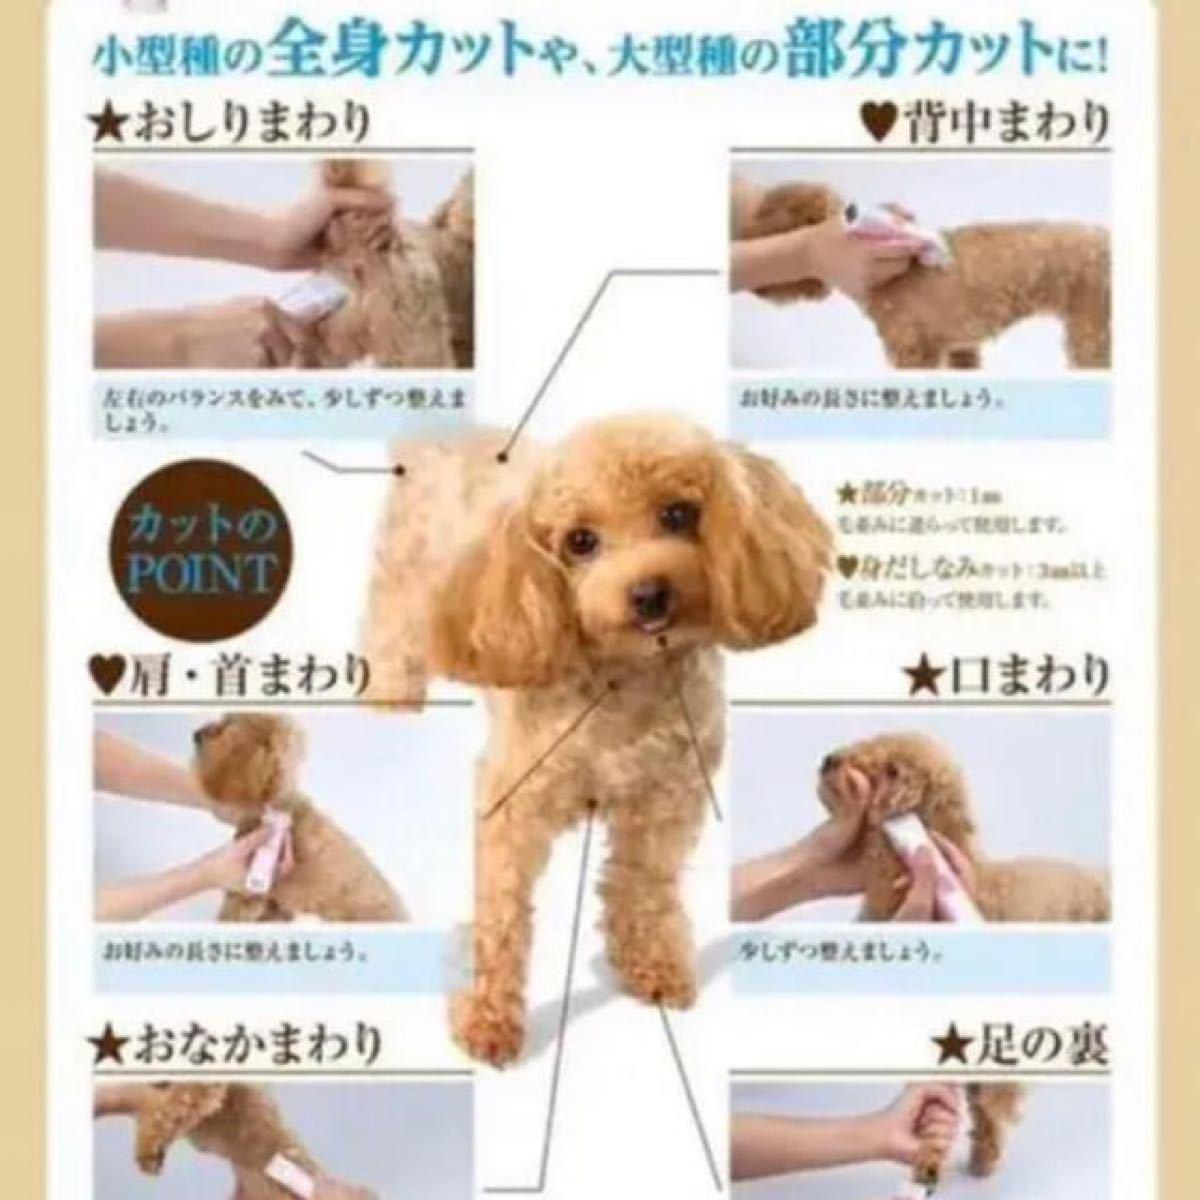 犬用バリカン トリマー ペット 猫 犬 バリカン